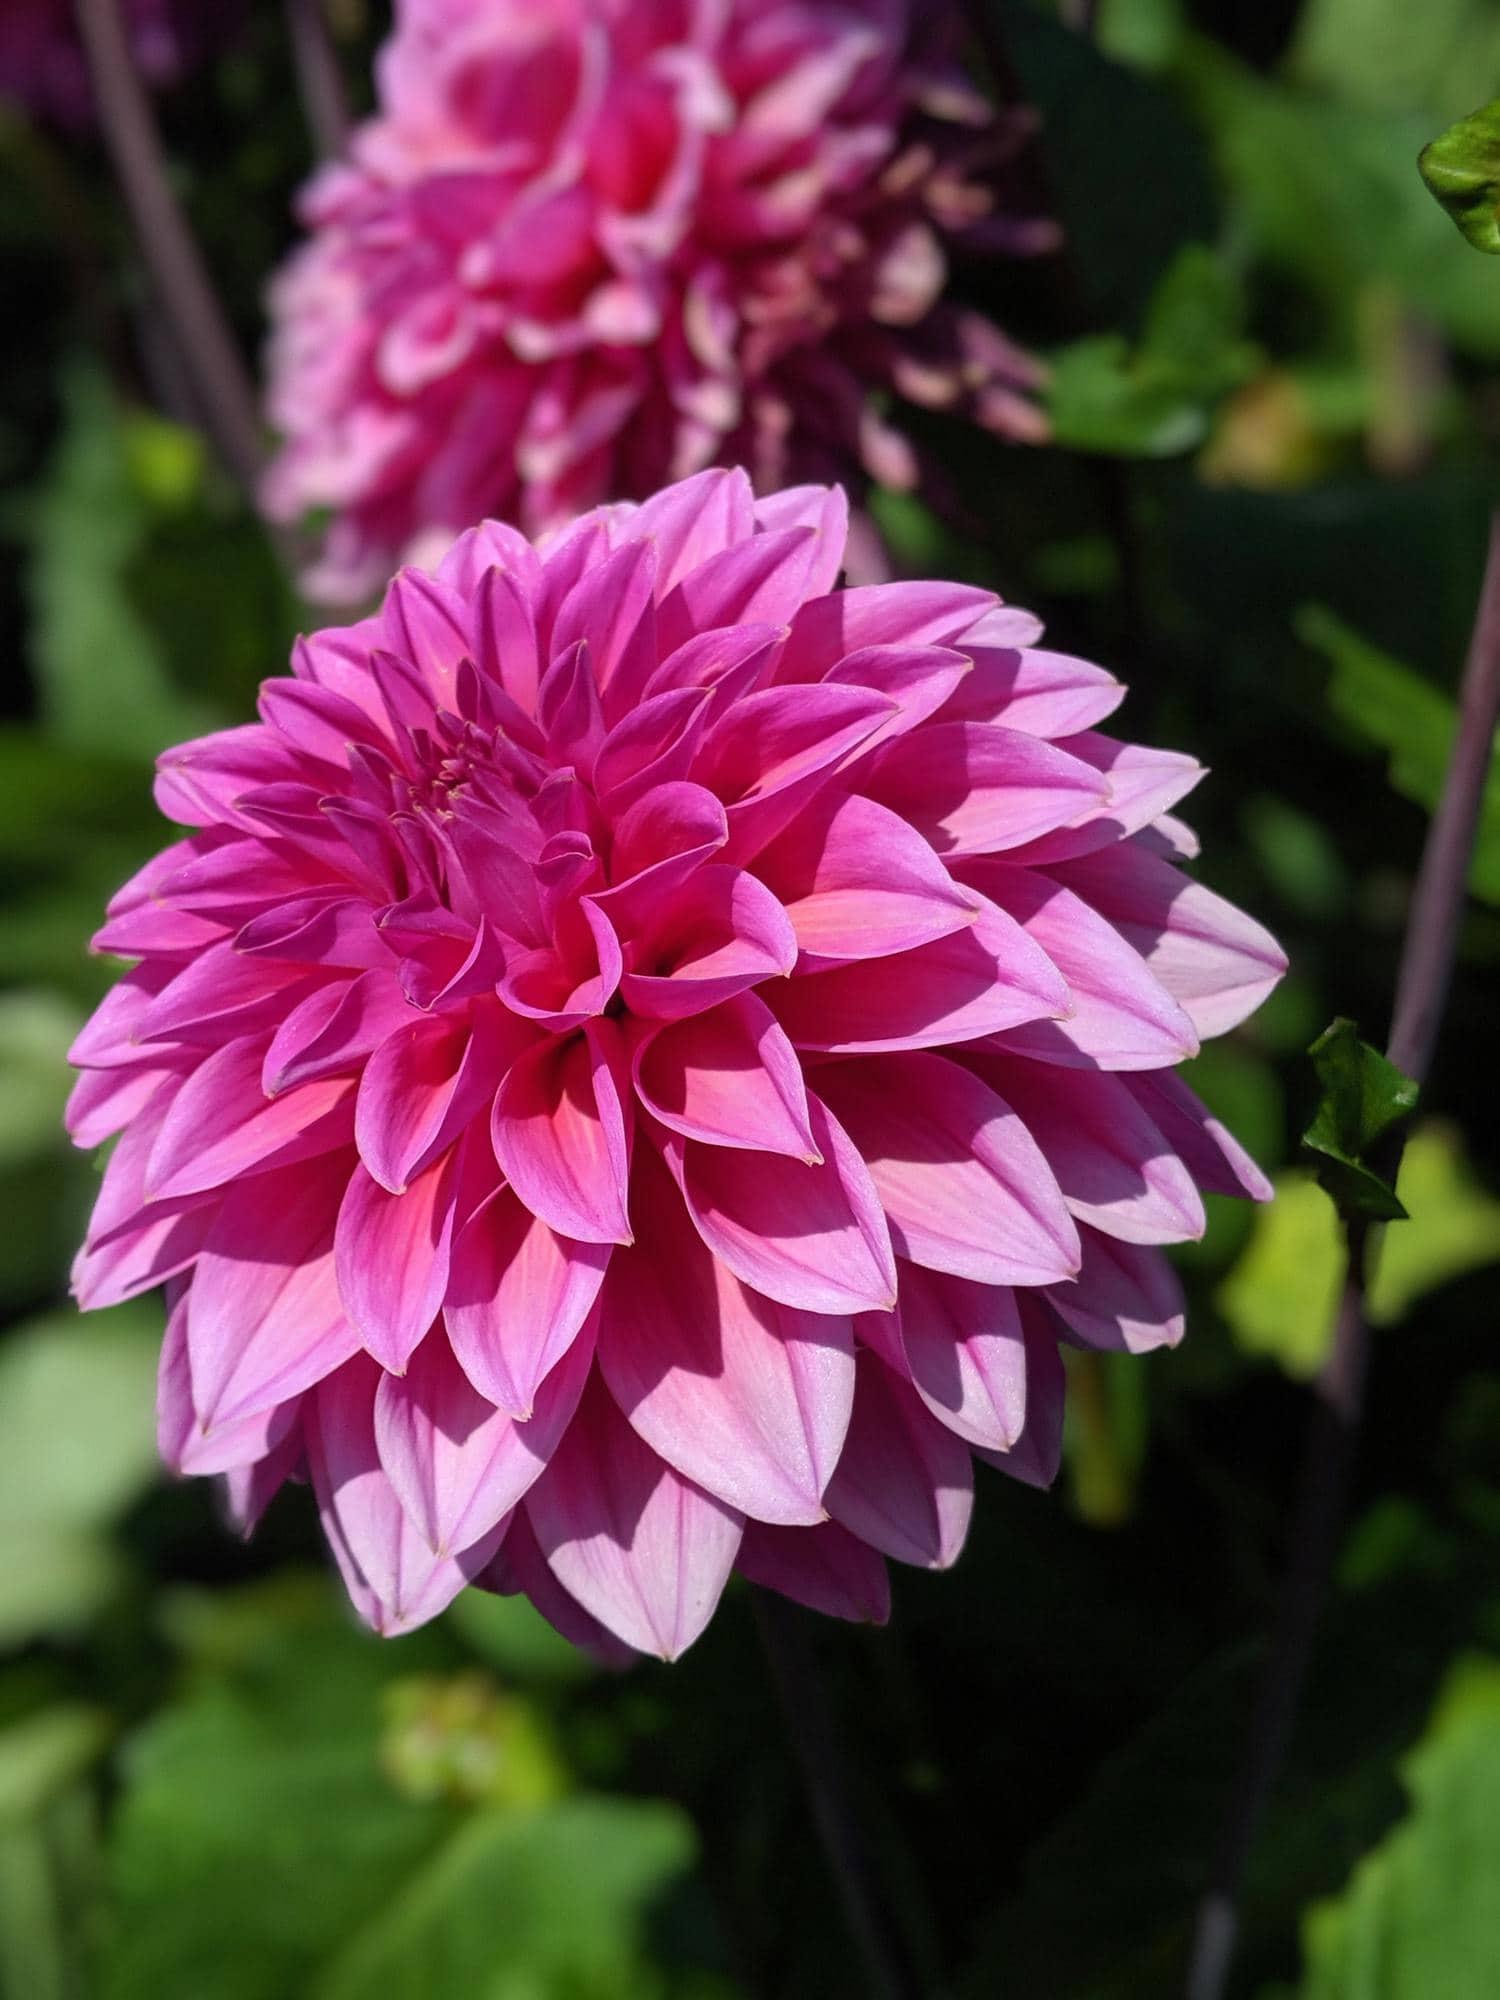 Foto de flor tomada con luz dura